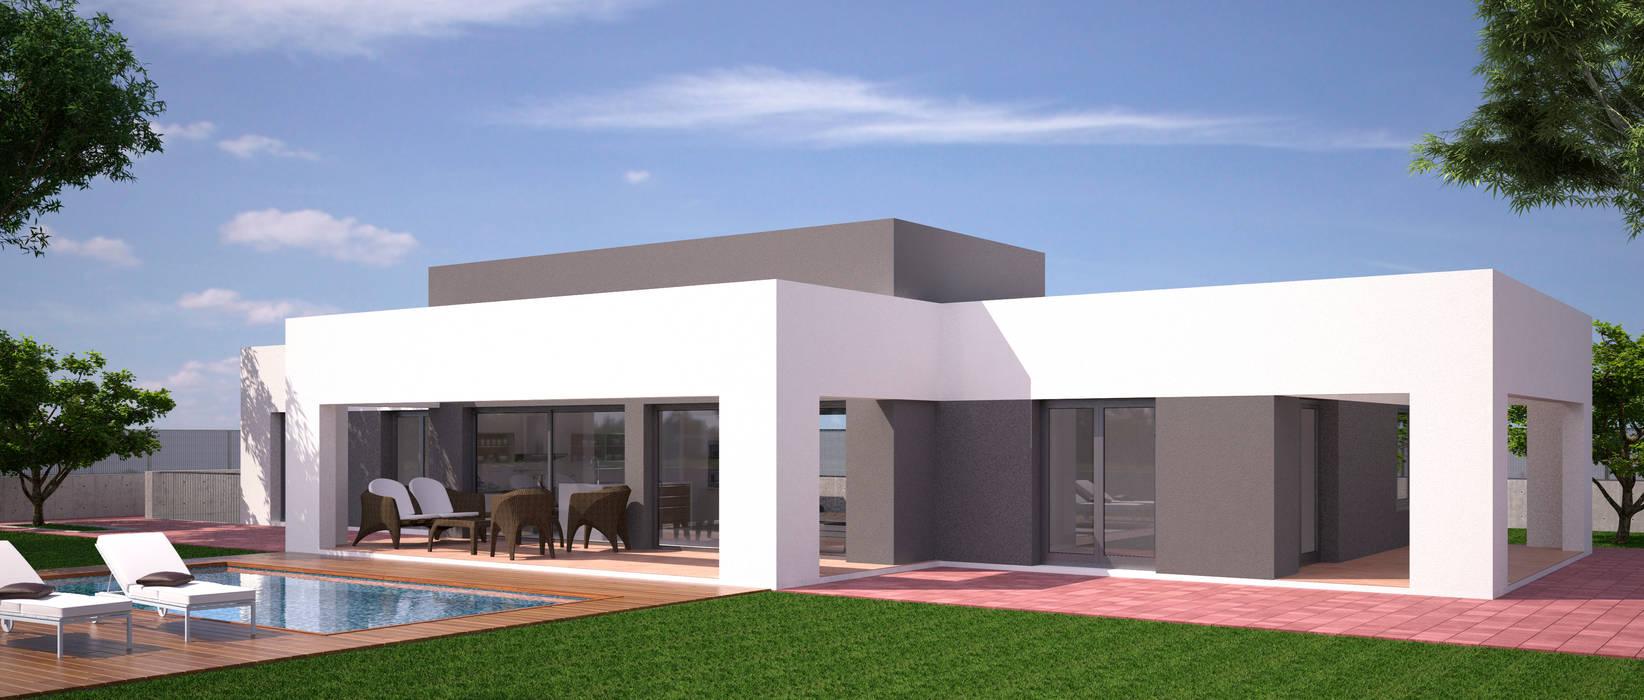 VIVIENDA UNIFAMILIAR AISLADA Y PISCINA: Casas de estilo  de NUÑO ARQUITECTURA